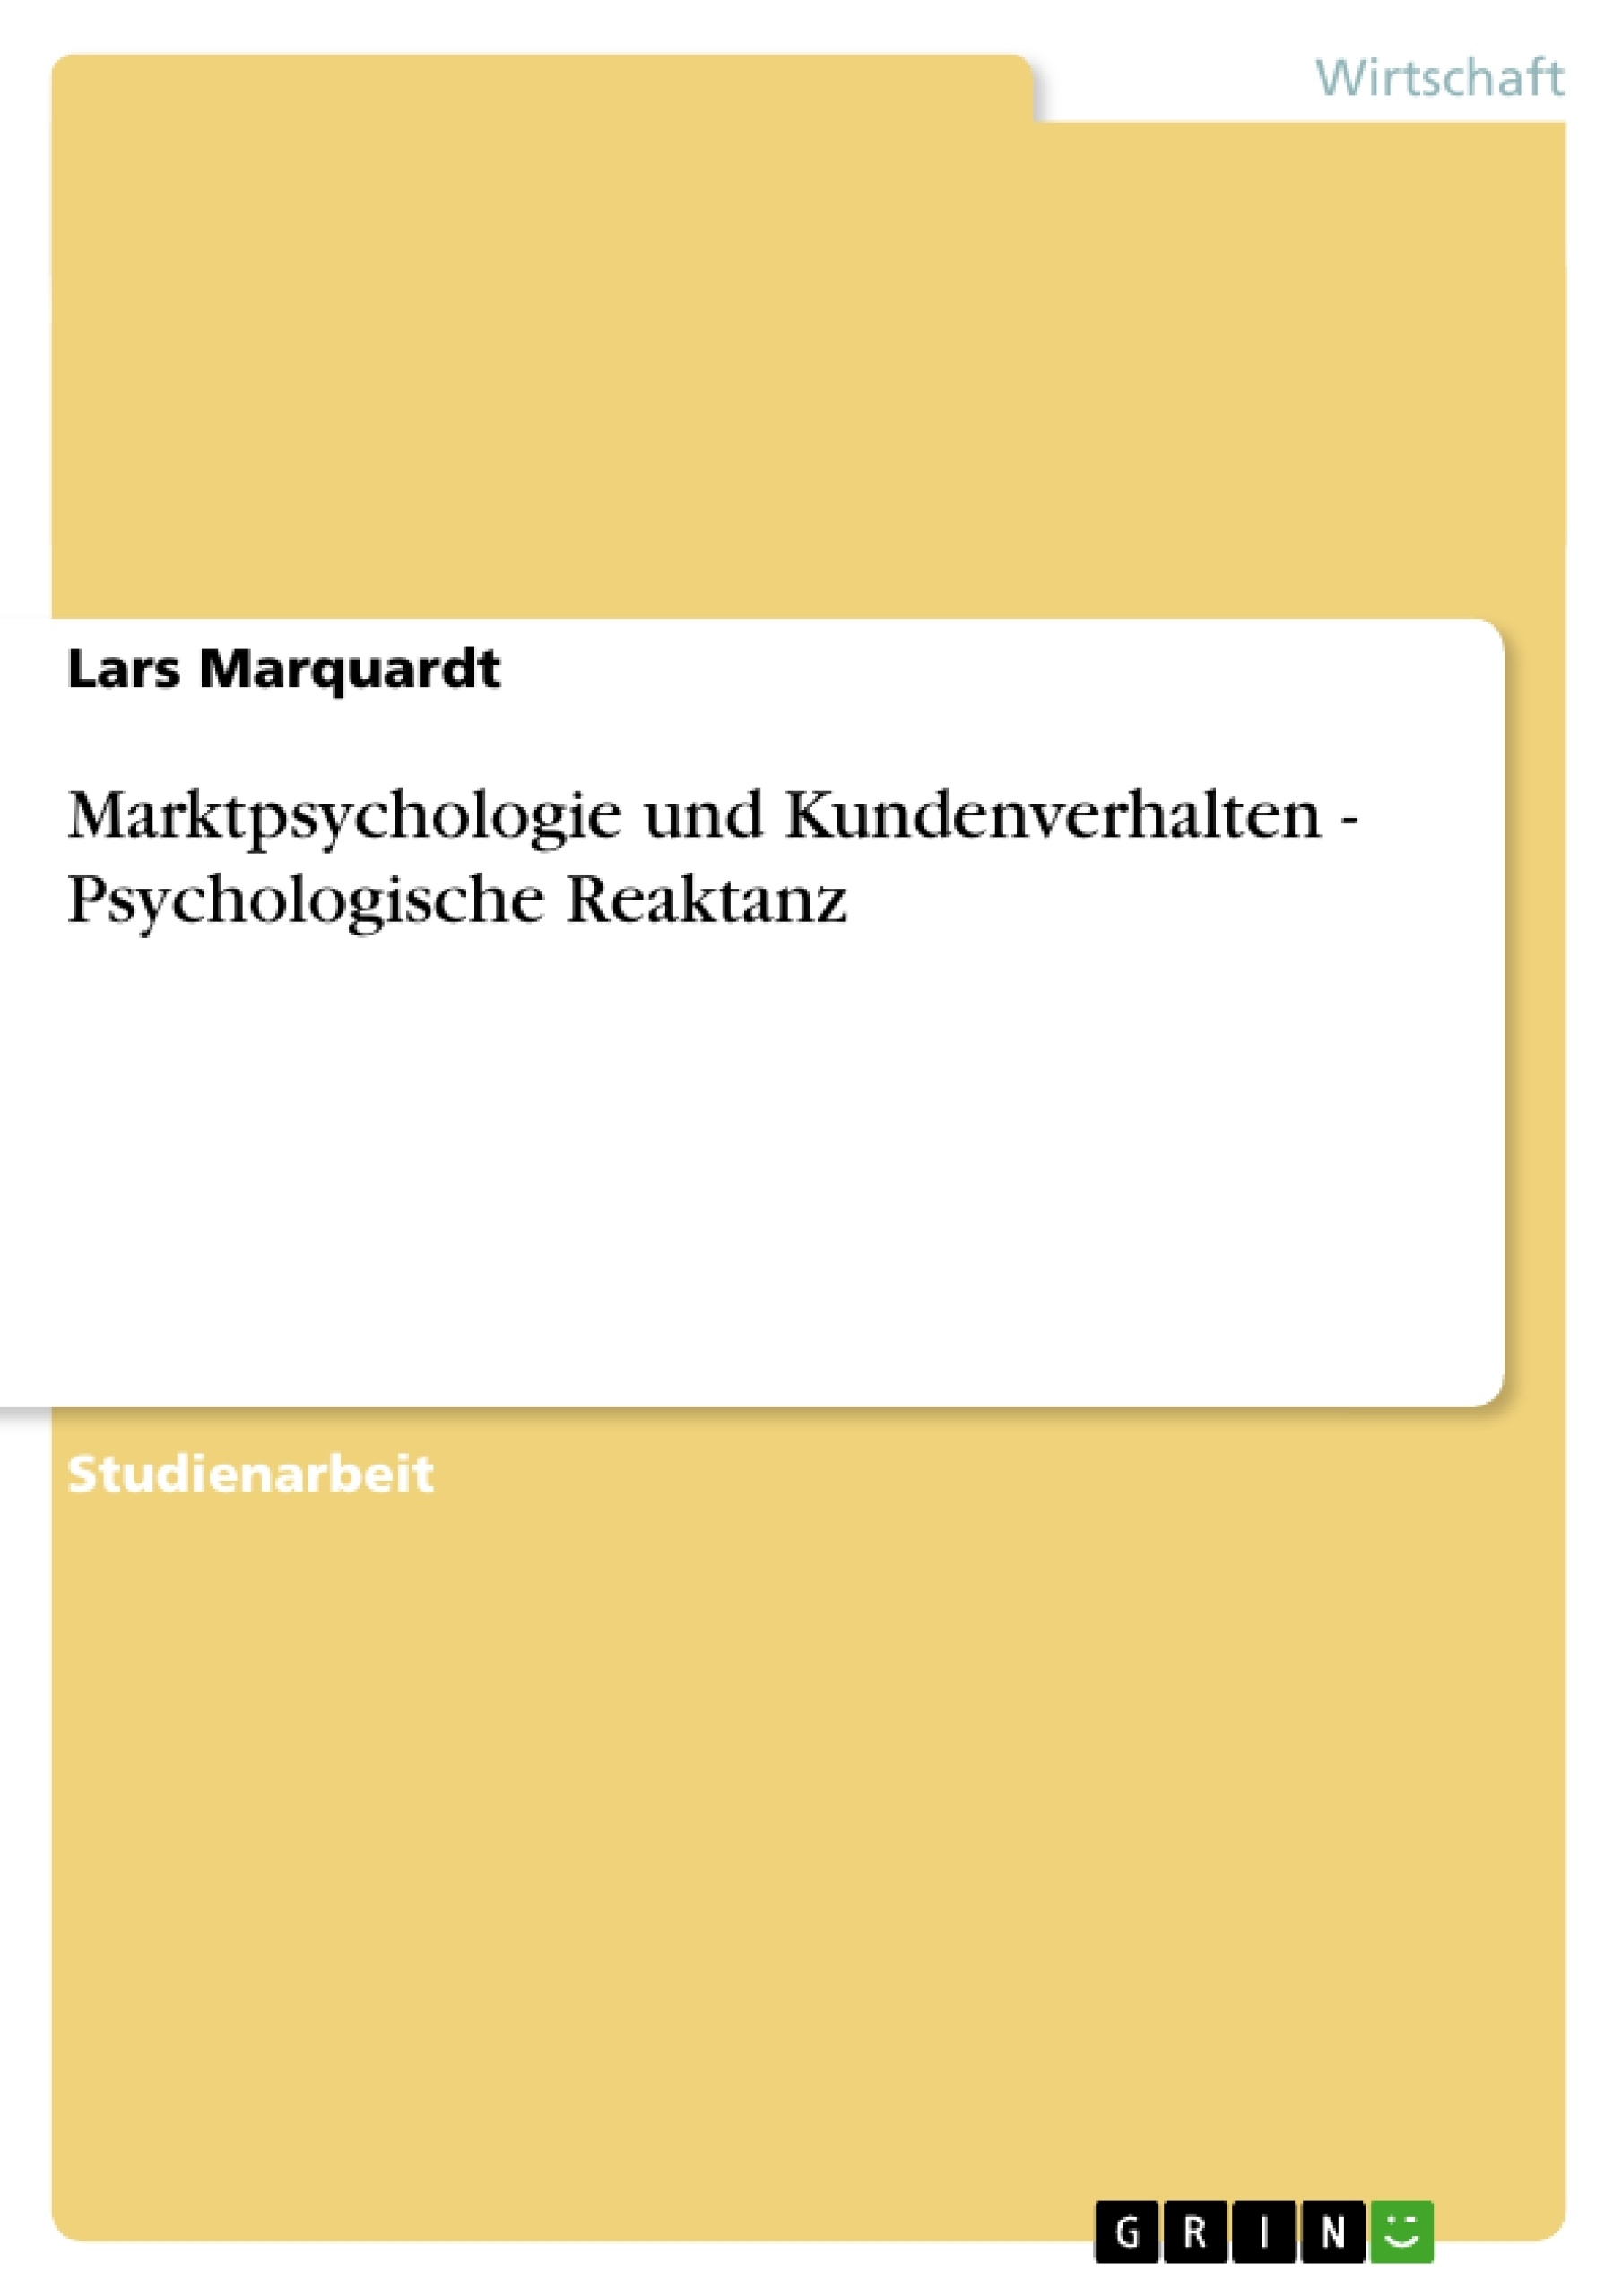 Titel: Marktpsychologie und Kundenverhalten - Psychologische Reaktanz